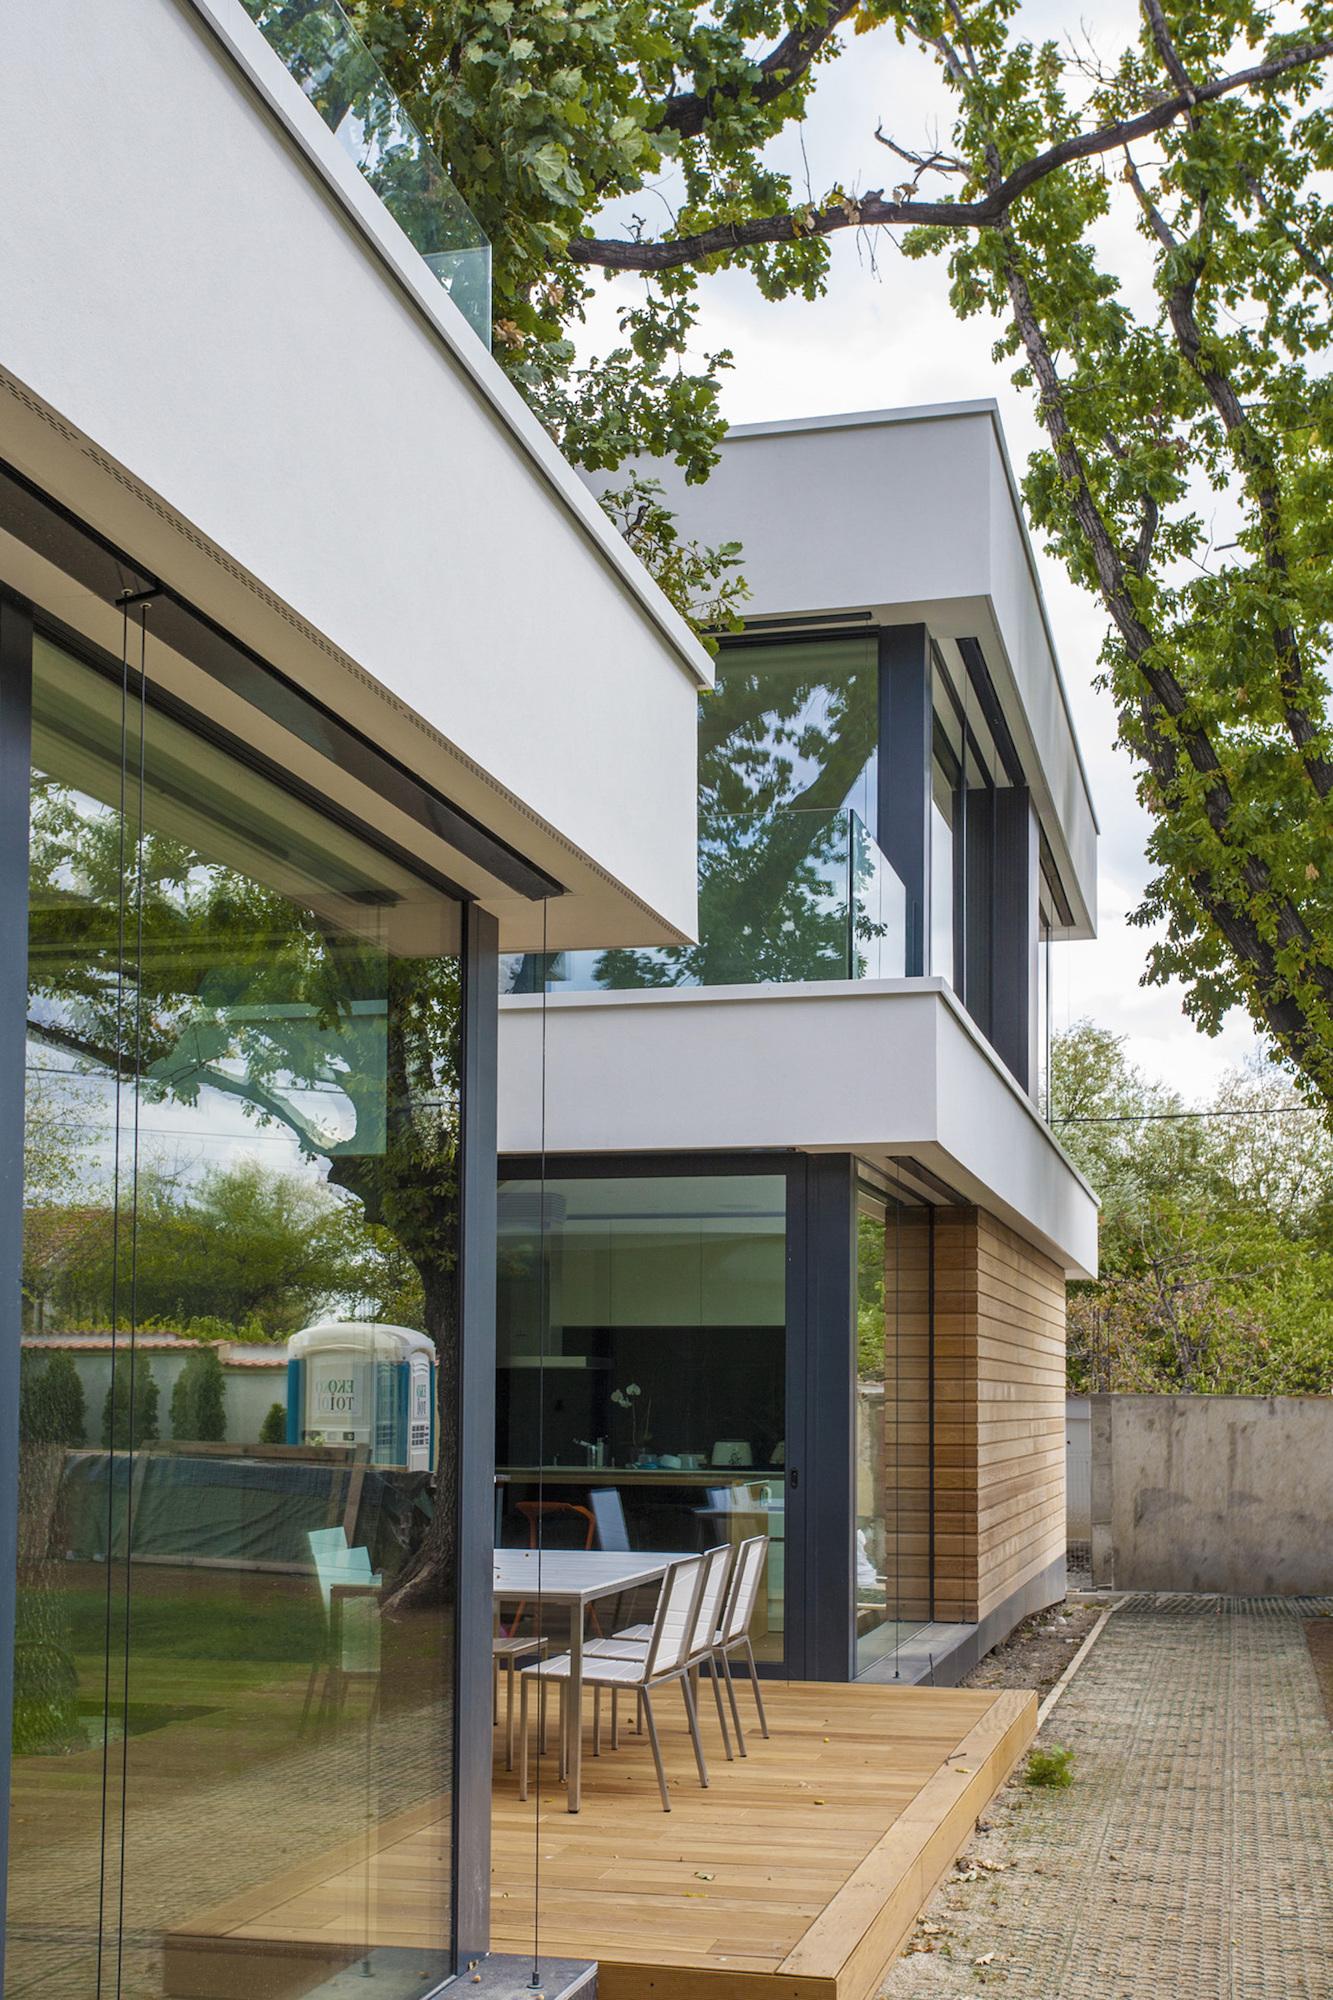 2-oaks-house-obia_obia_2oaks_image_07_alumina_elit